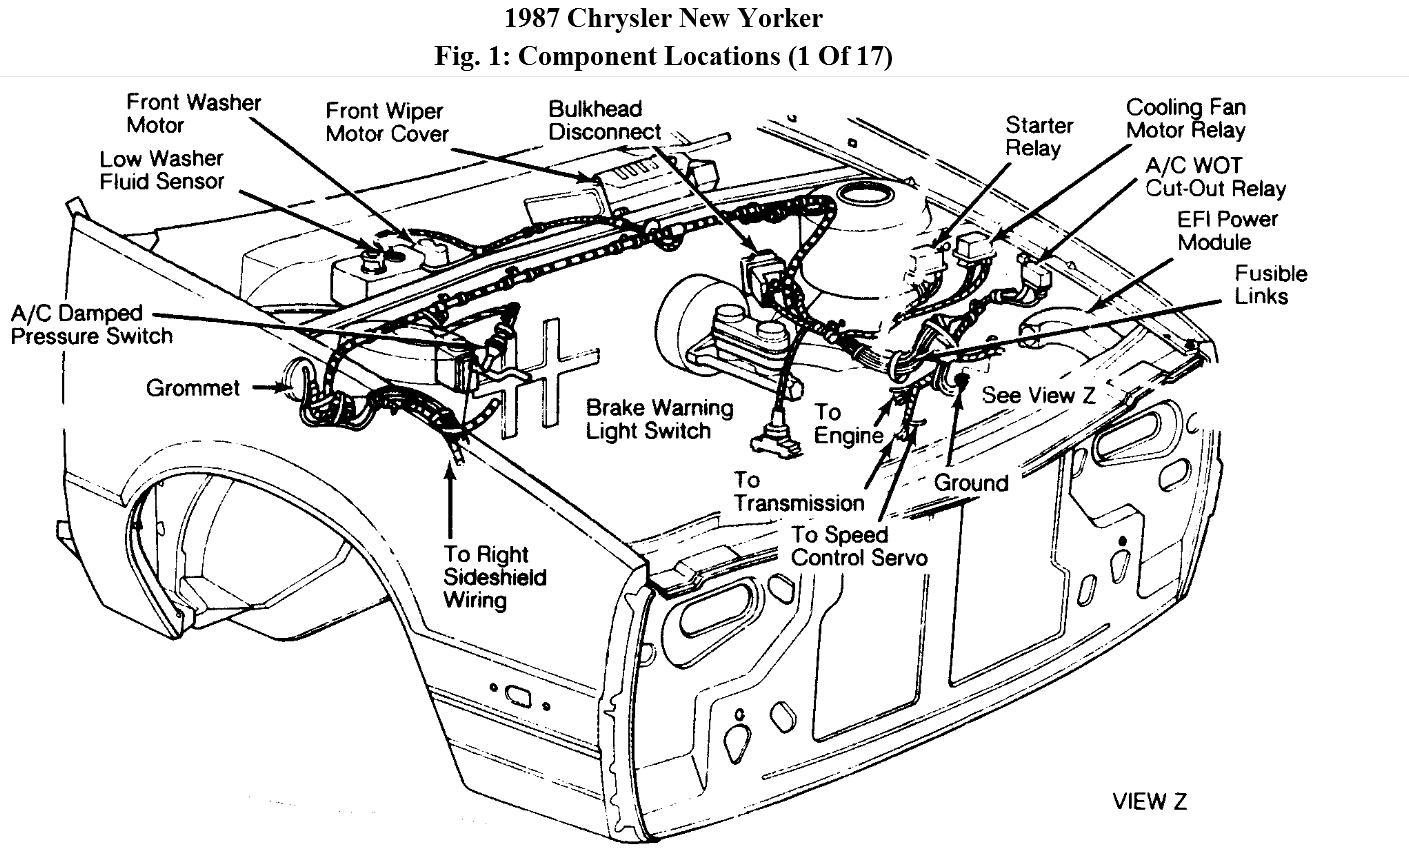 A New York Car